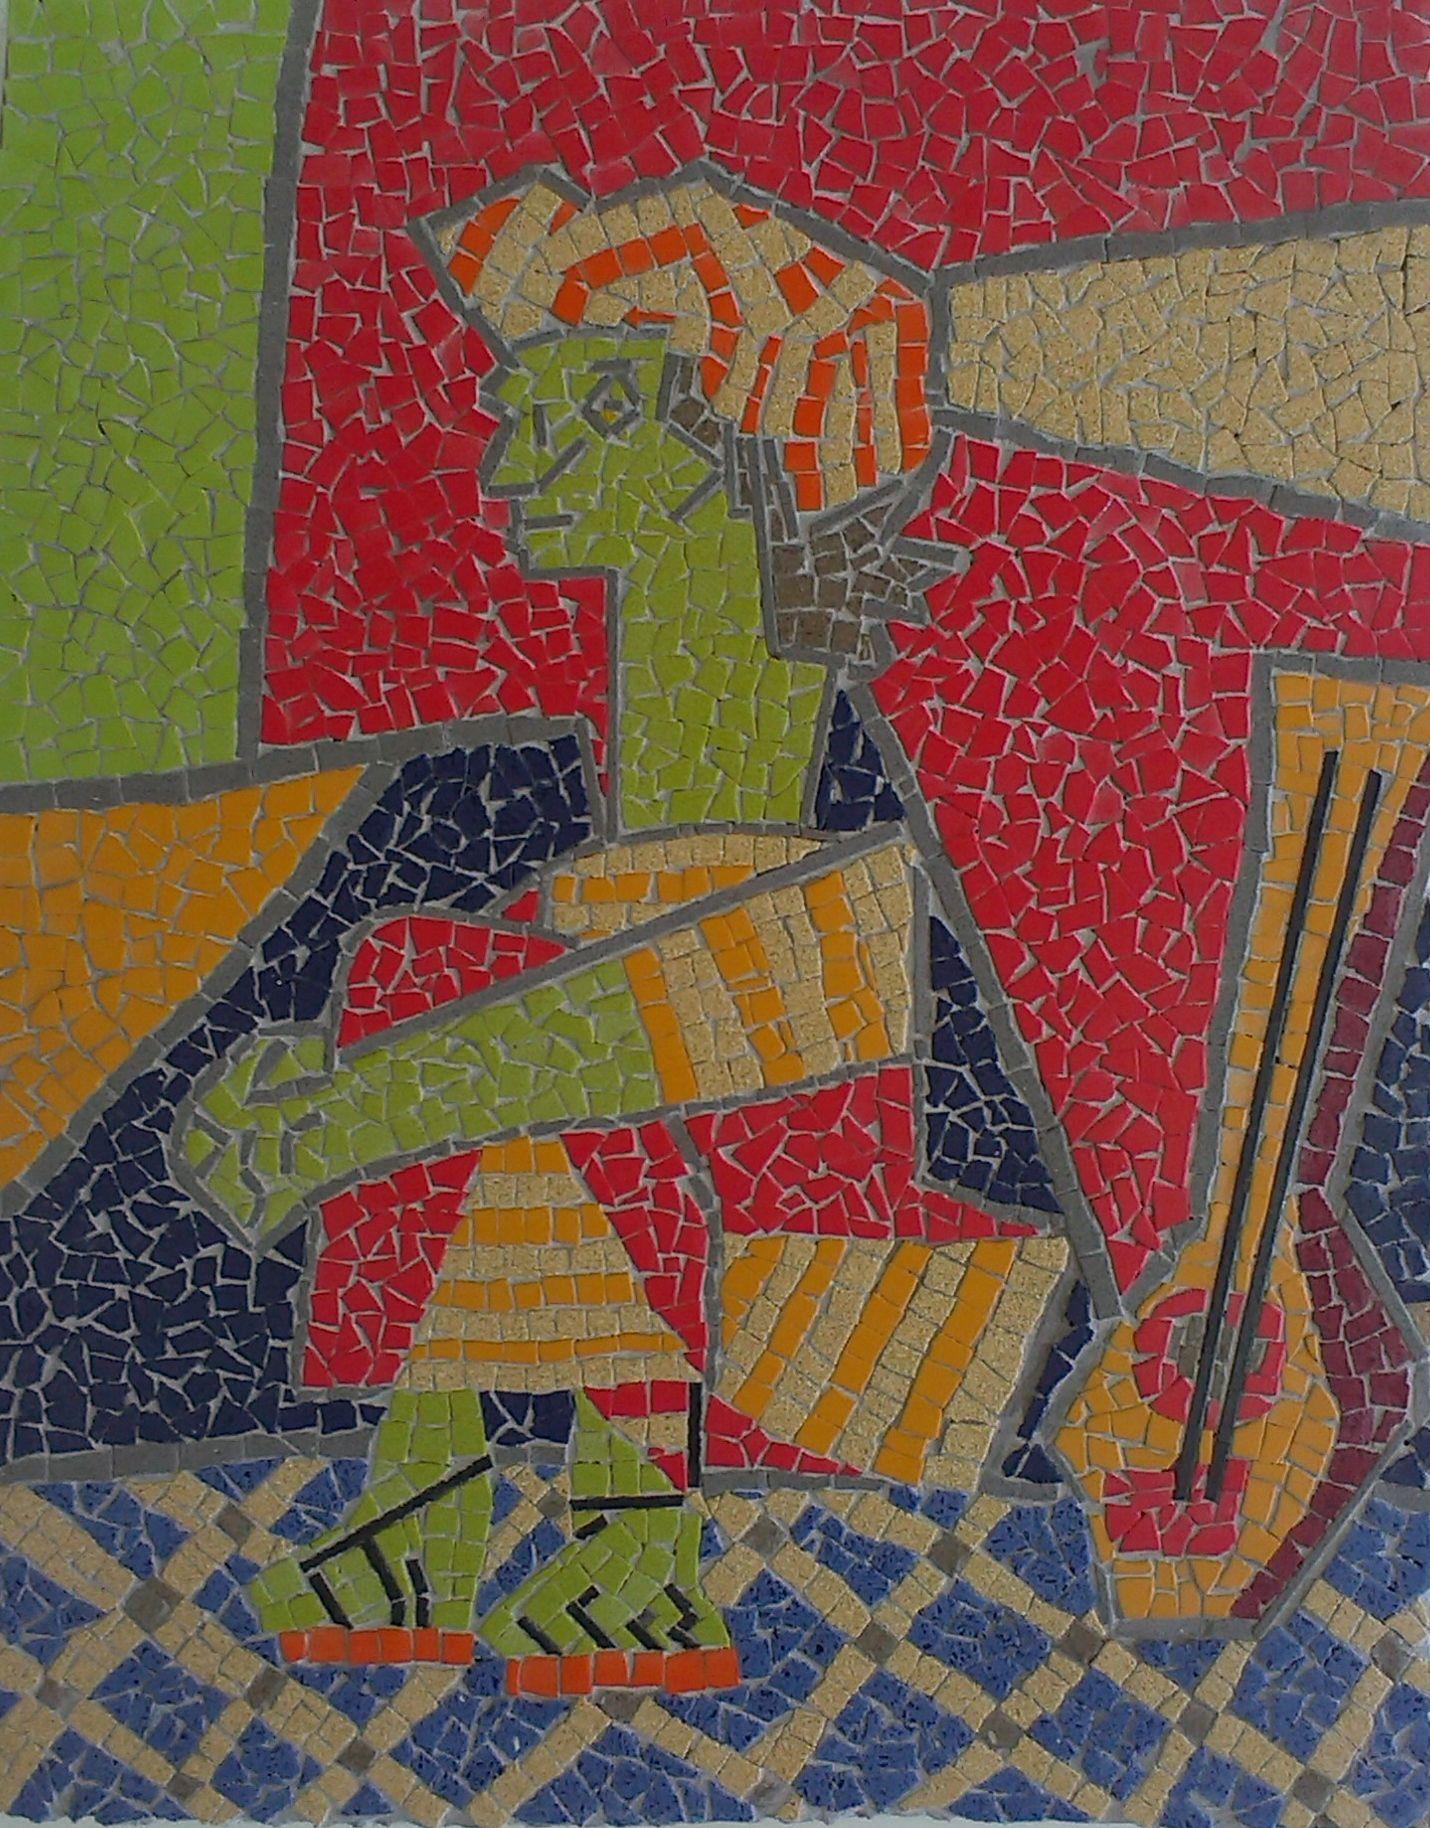 """Mosaico representativo """"Jaqueline con las manos cruzadas"""" de Picasso de 60 x 40 cm, realizado con cuarzo."""